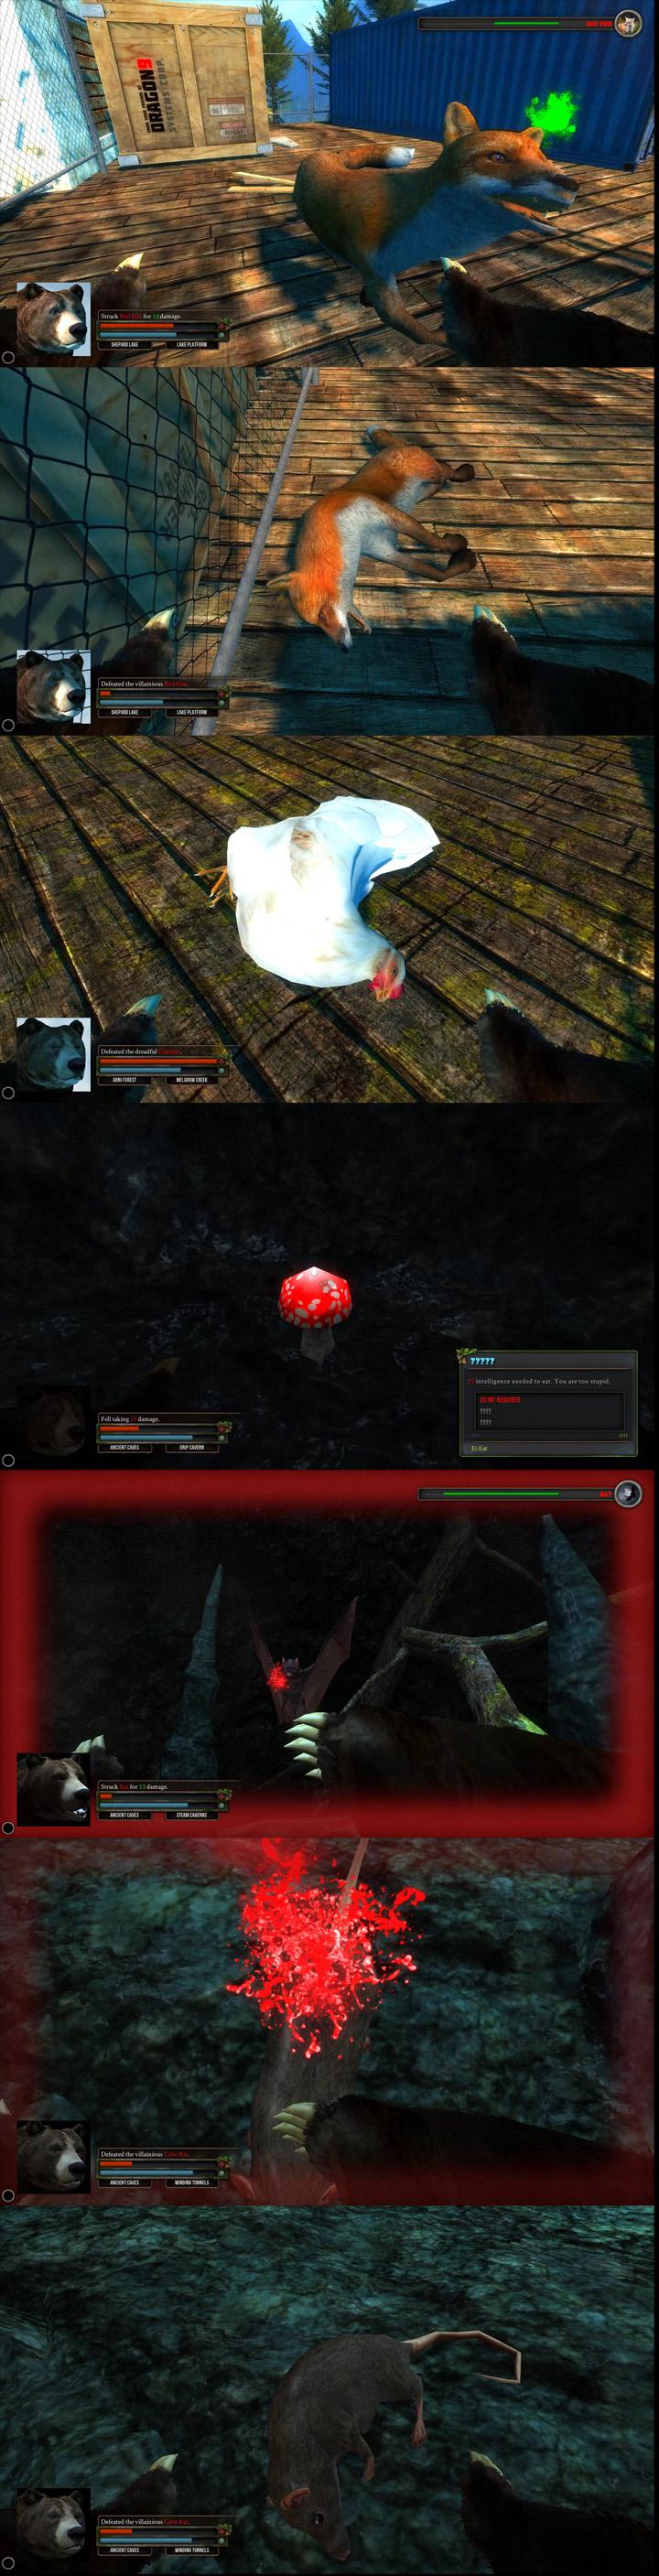 Bear Simulator03